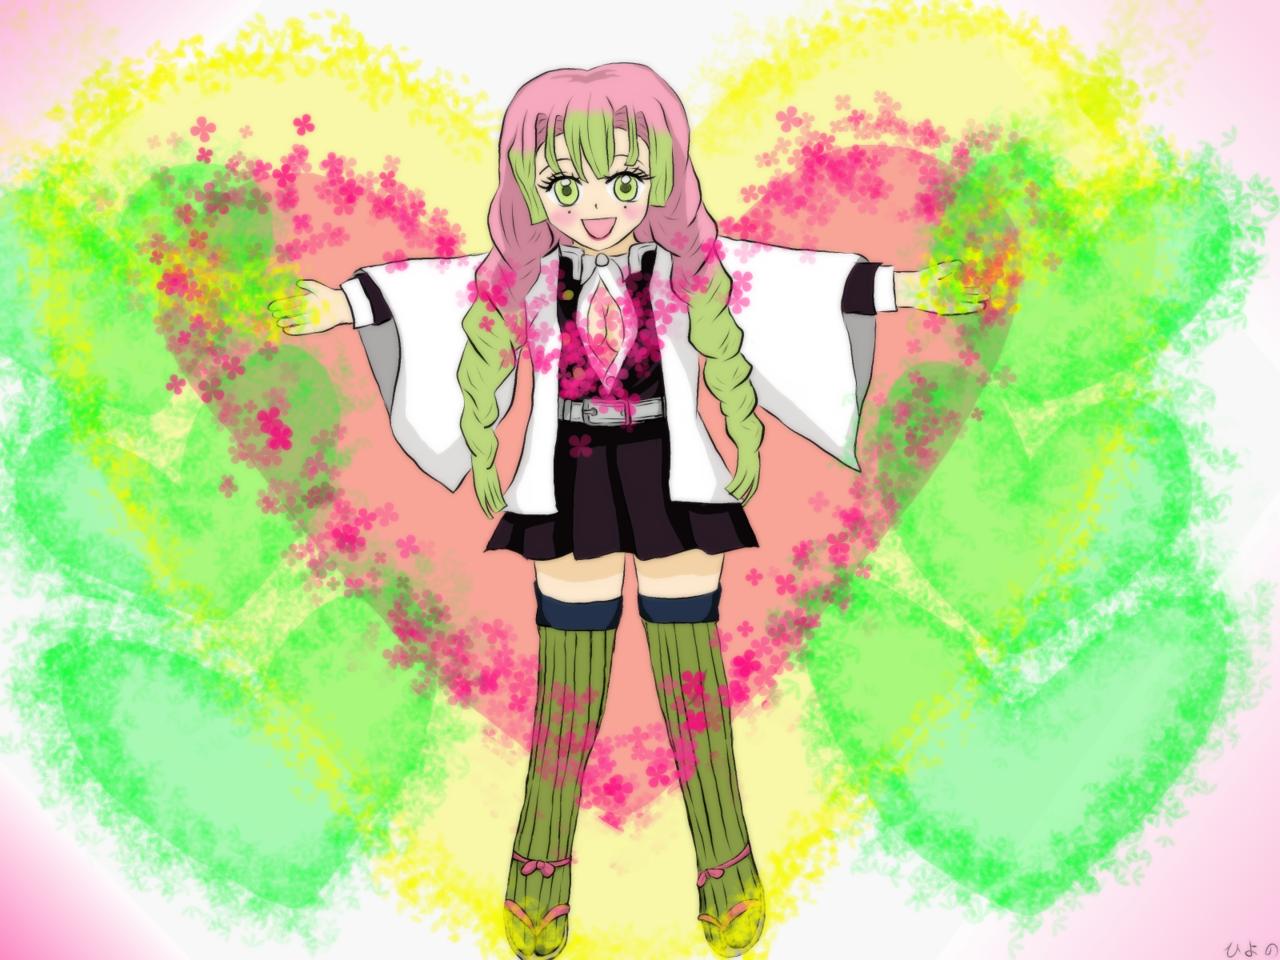 恋柱 Illust of ひよの DemonSlayerFanartContest KanrojiMitsuri ハート KimetsunoYaiba